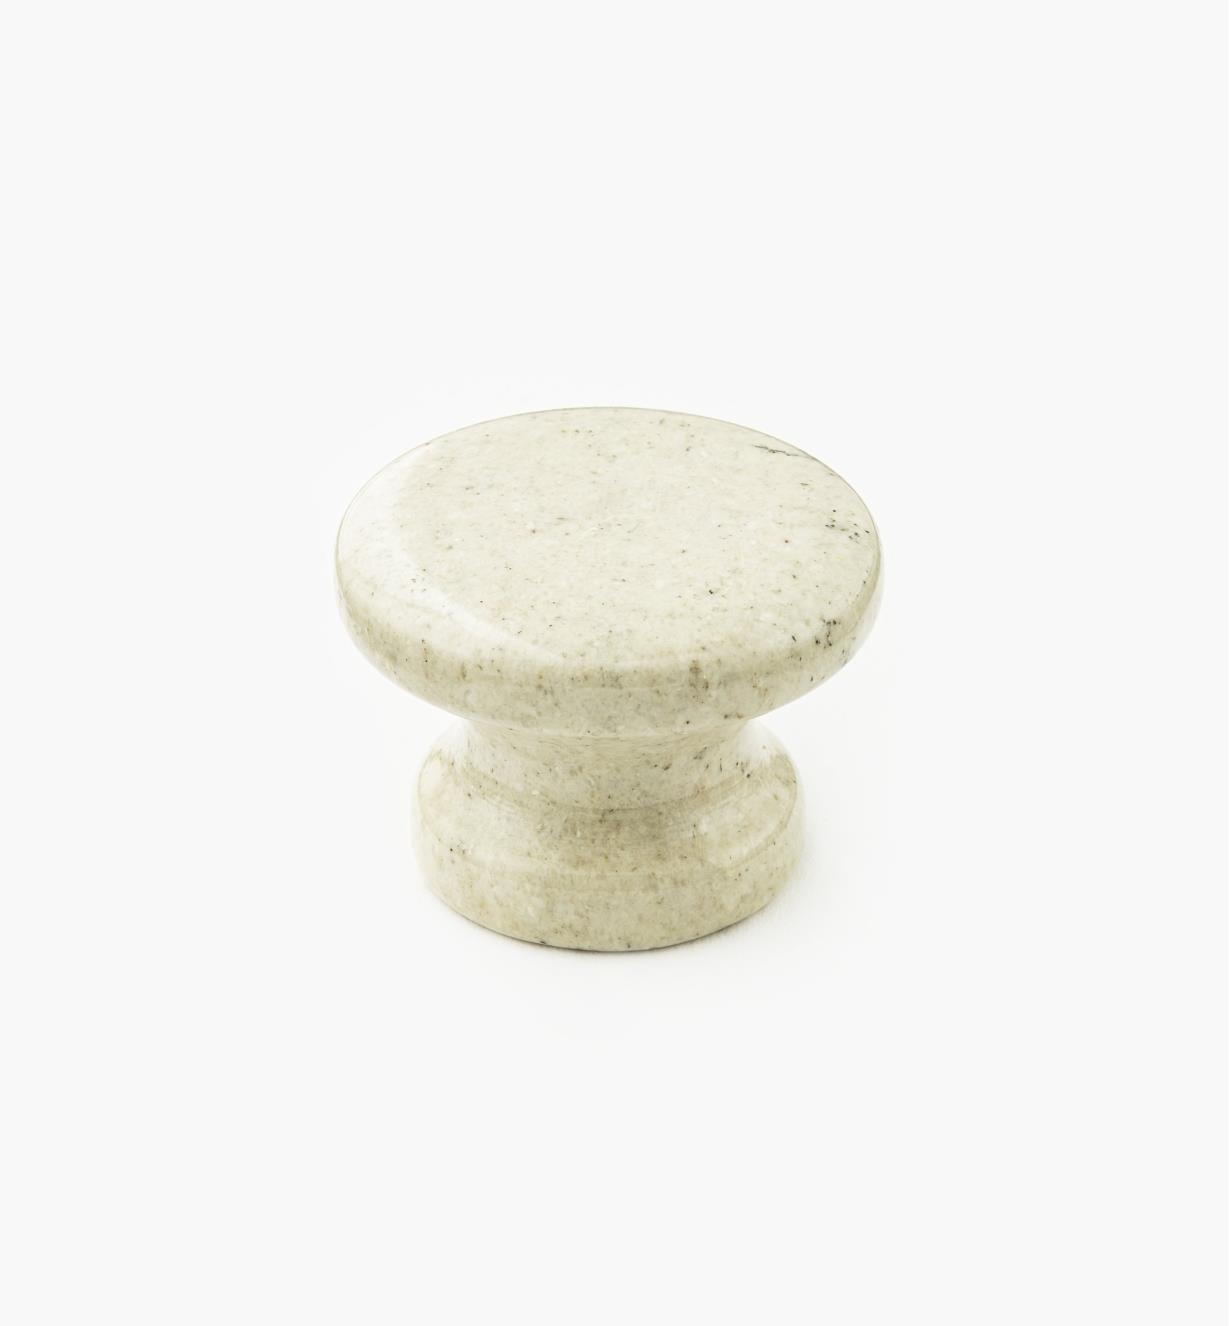 00W4022 - Tan Marble Knob, 34mm x 25mm